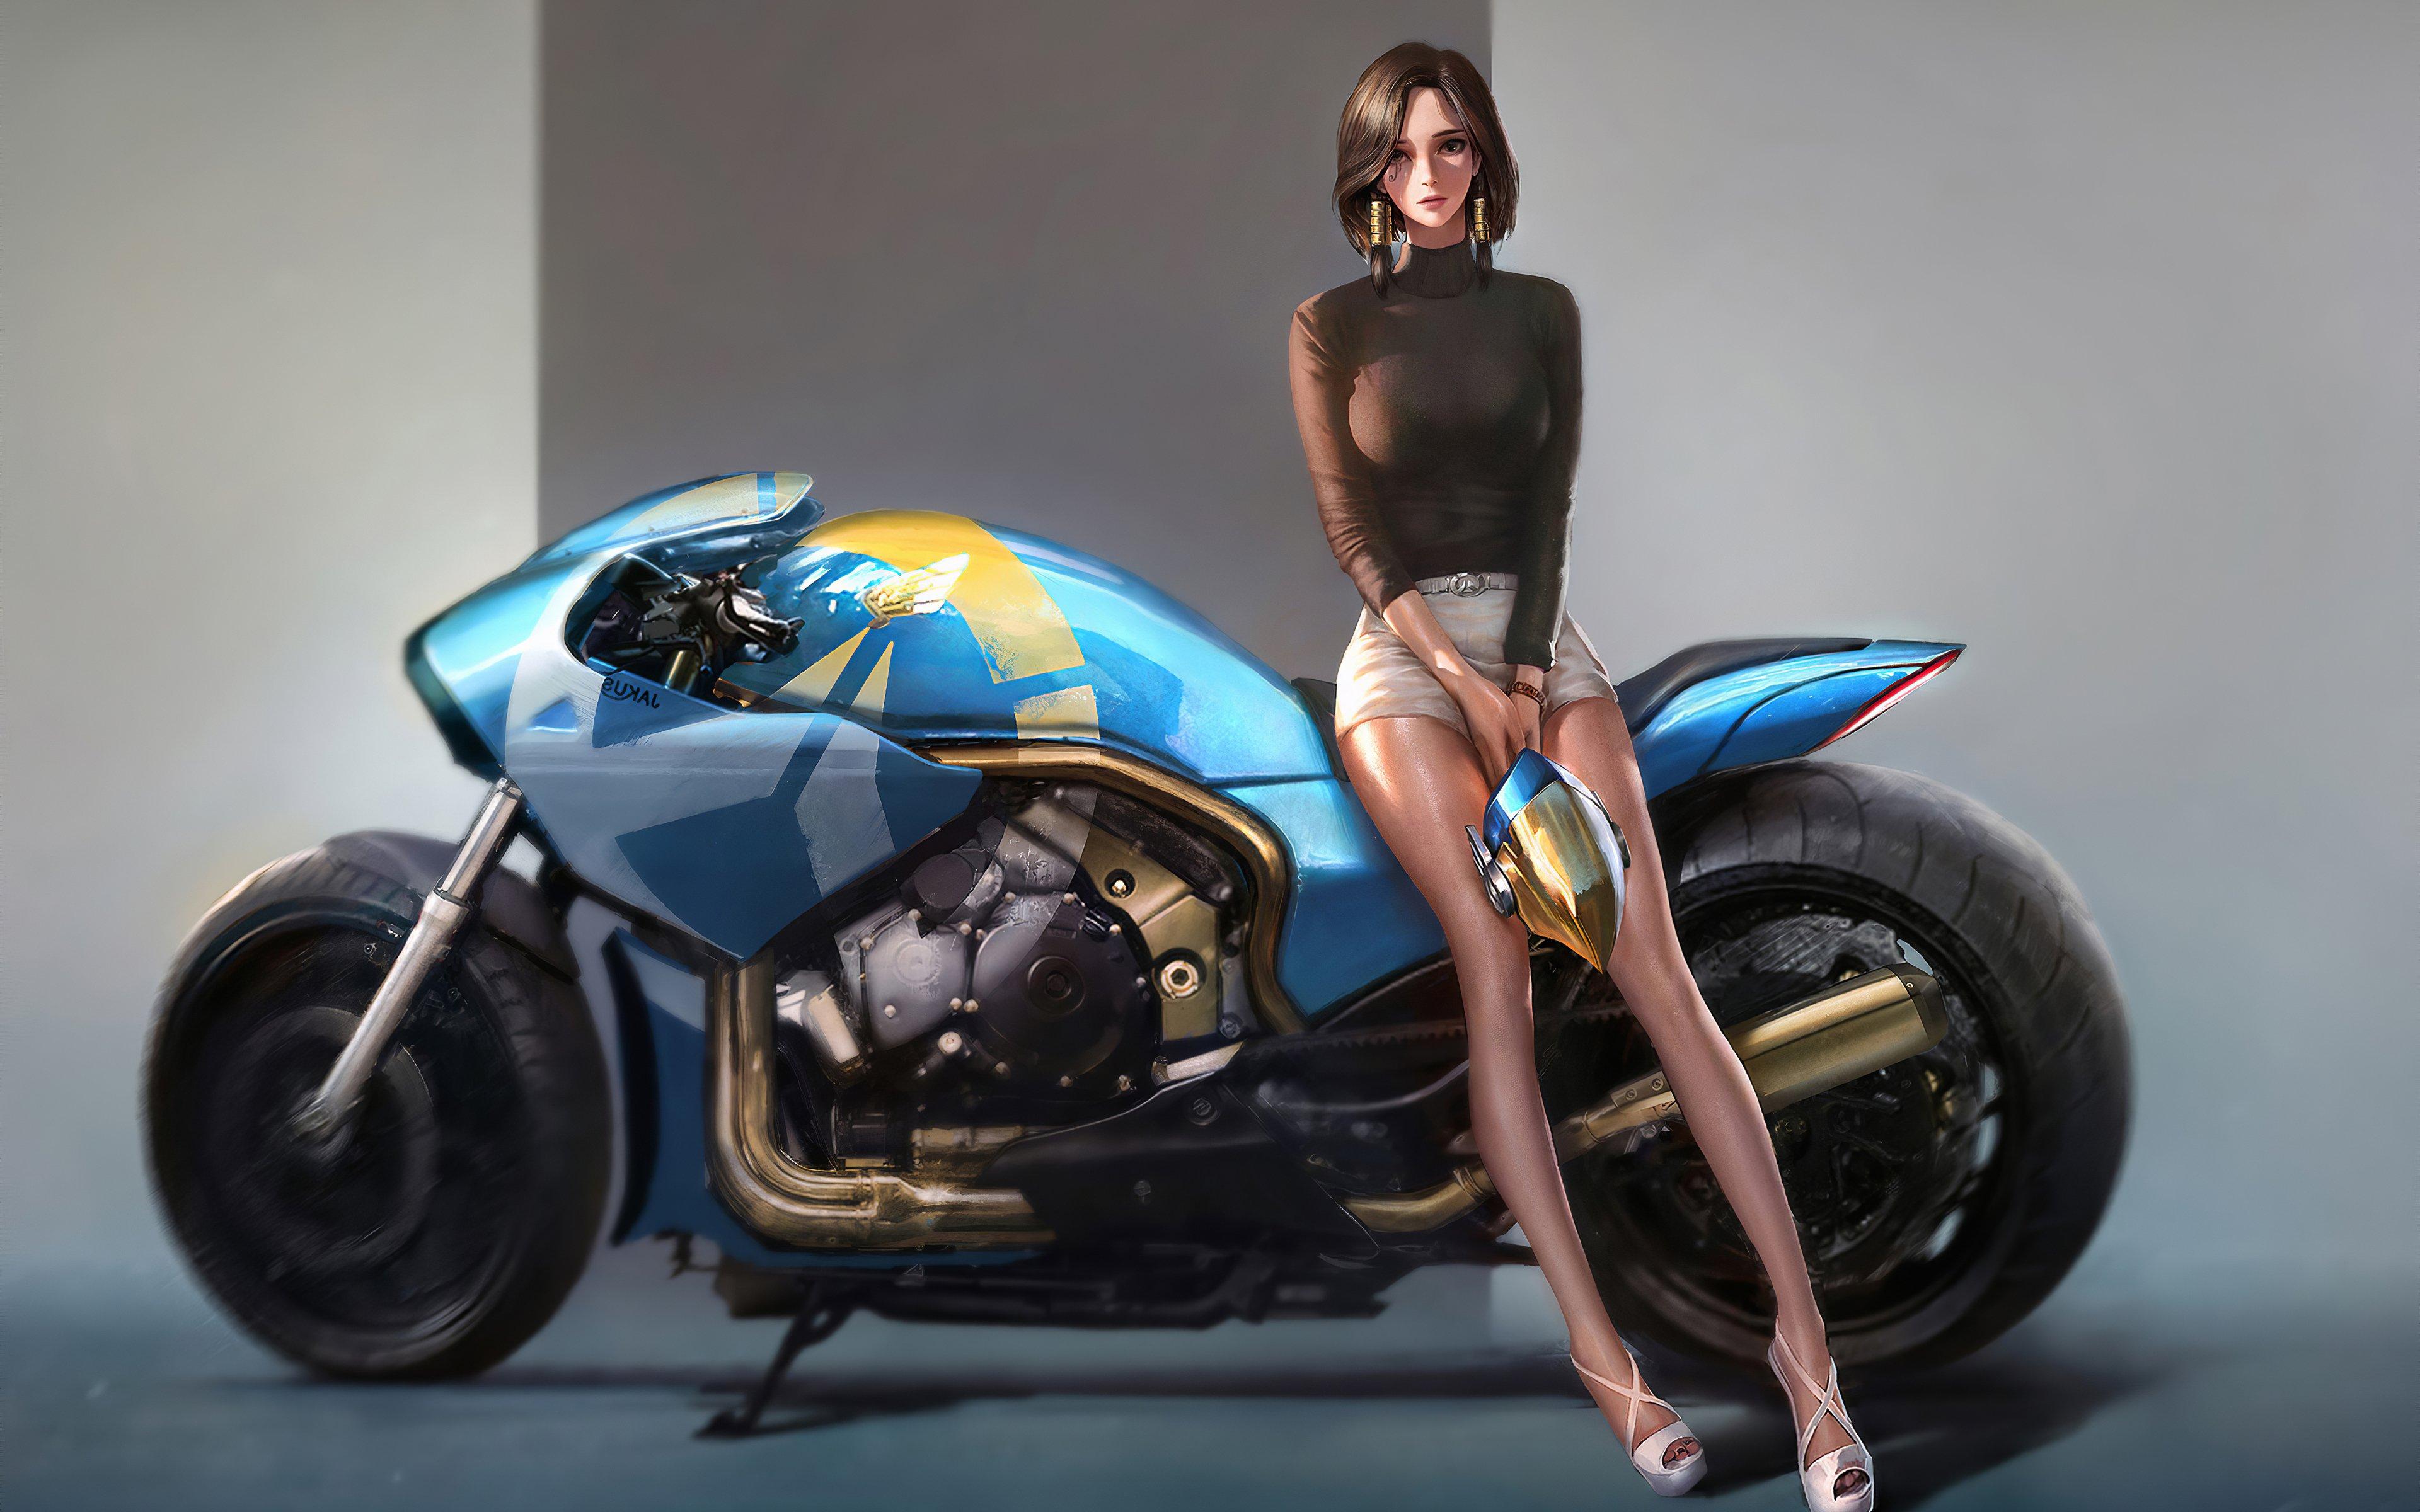 Fondos de pantalla Ilustración de chica en motocicleta